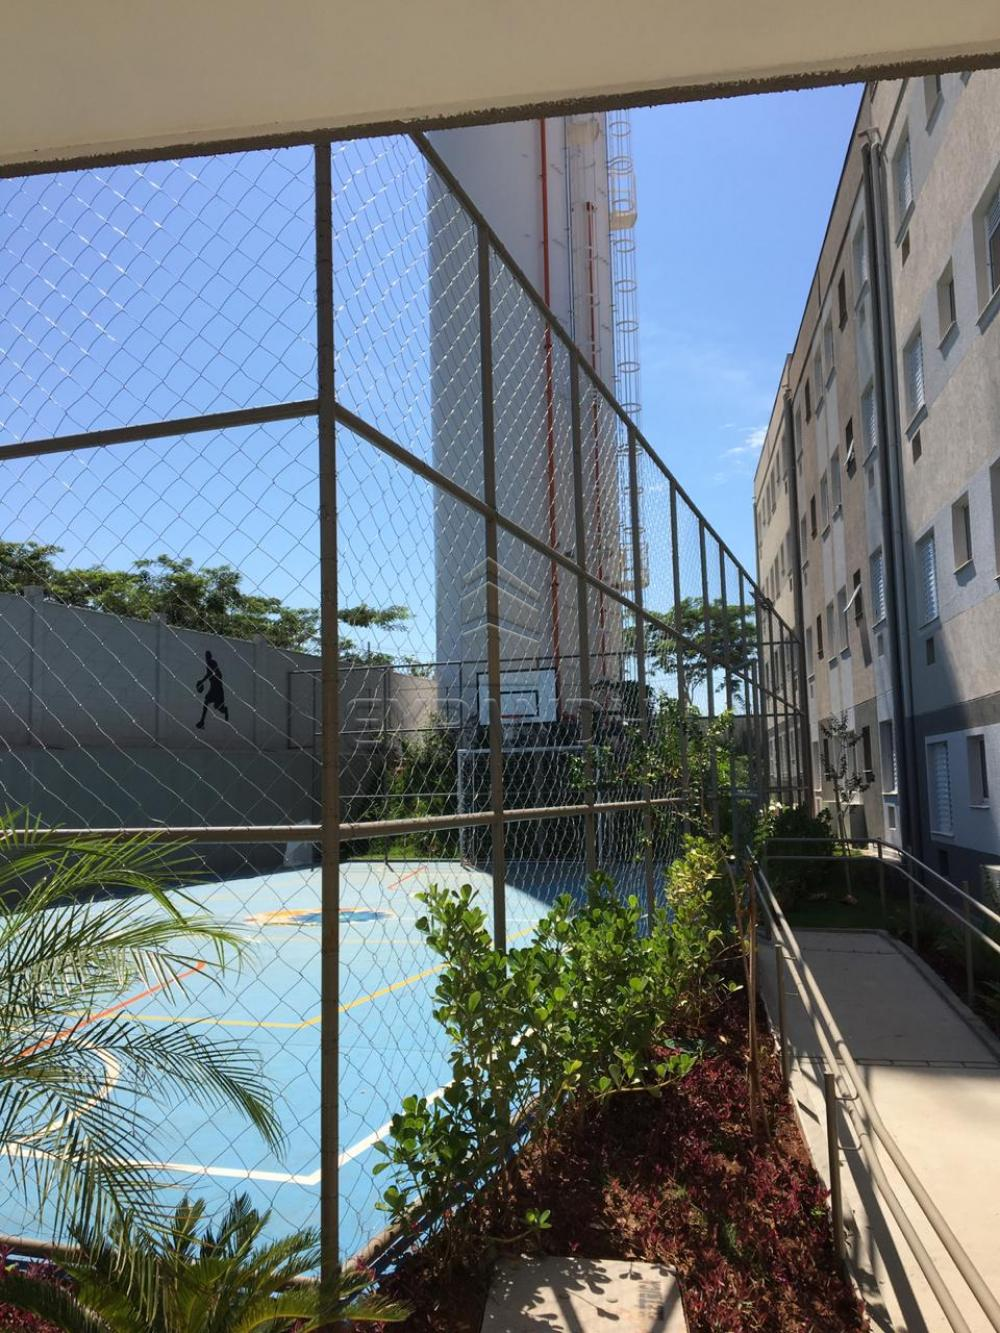 Alugar Apartamentos / Padrão em Sertãozinho R$ 600,00 - Foto 41